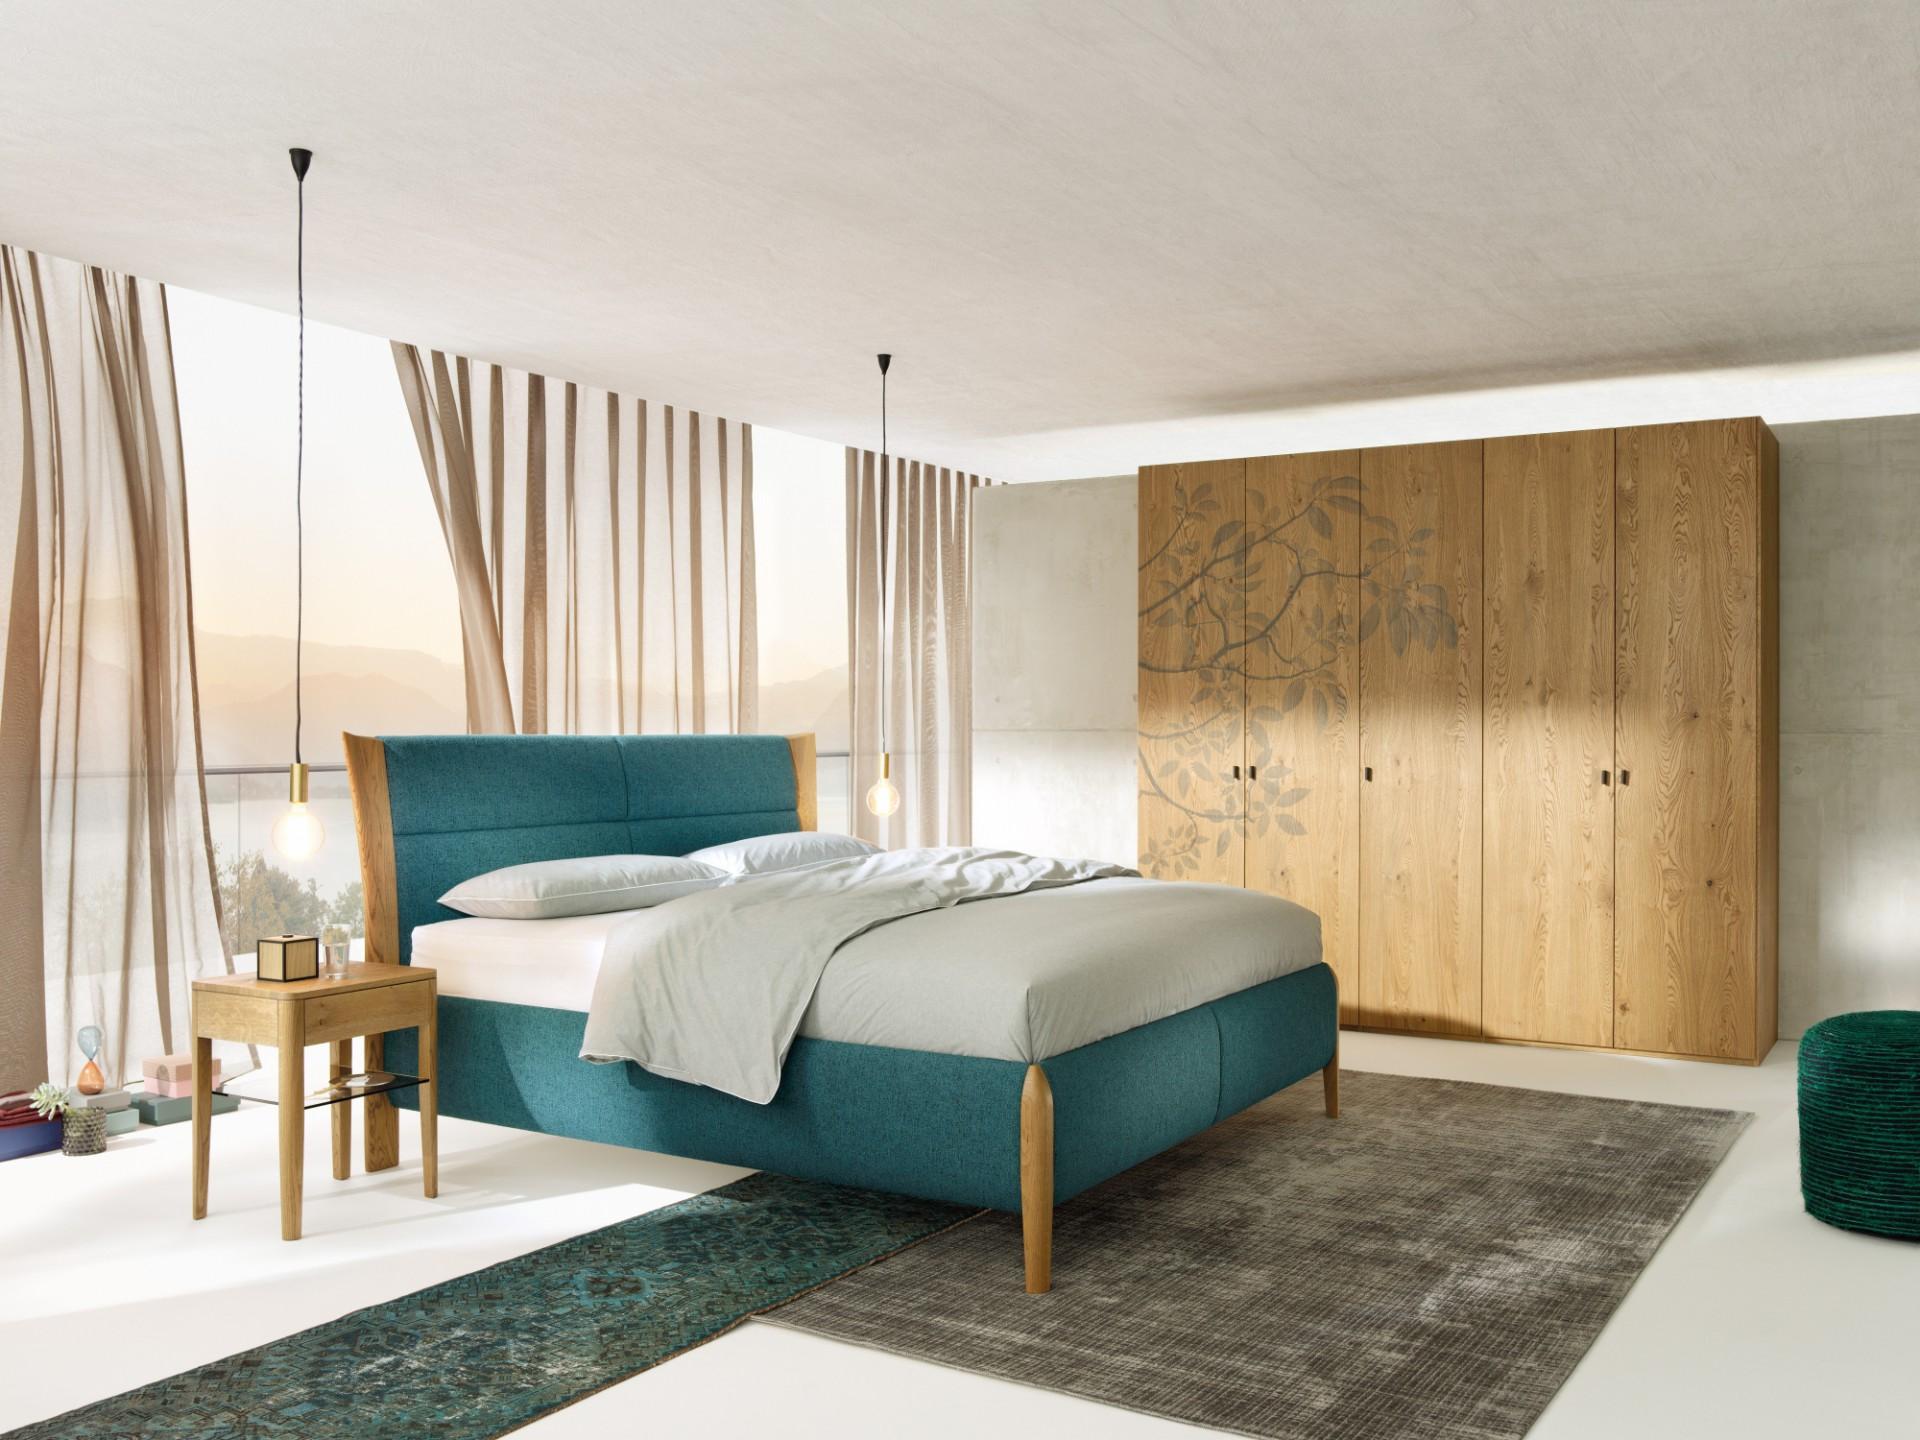 schlafsysteme betten schlafzimmer kaufen nahe kirchdorf. Black Bedroom Furniture Sets. Home Design Ideas